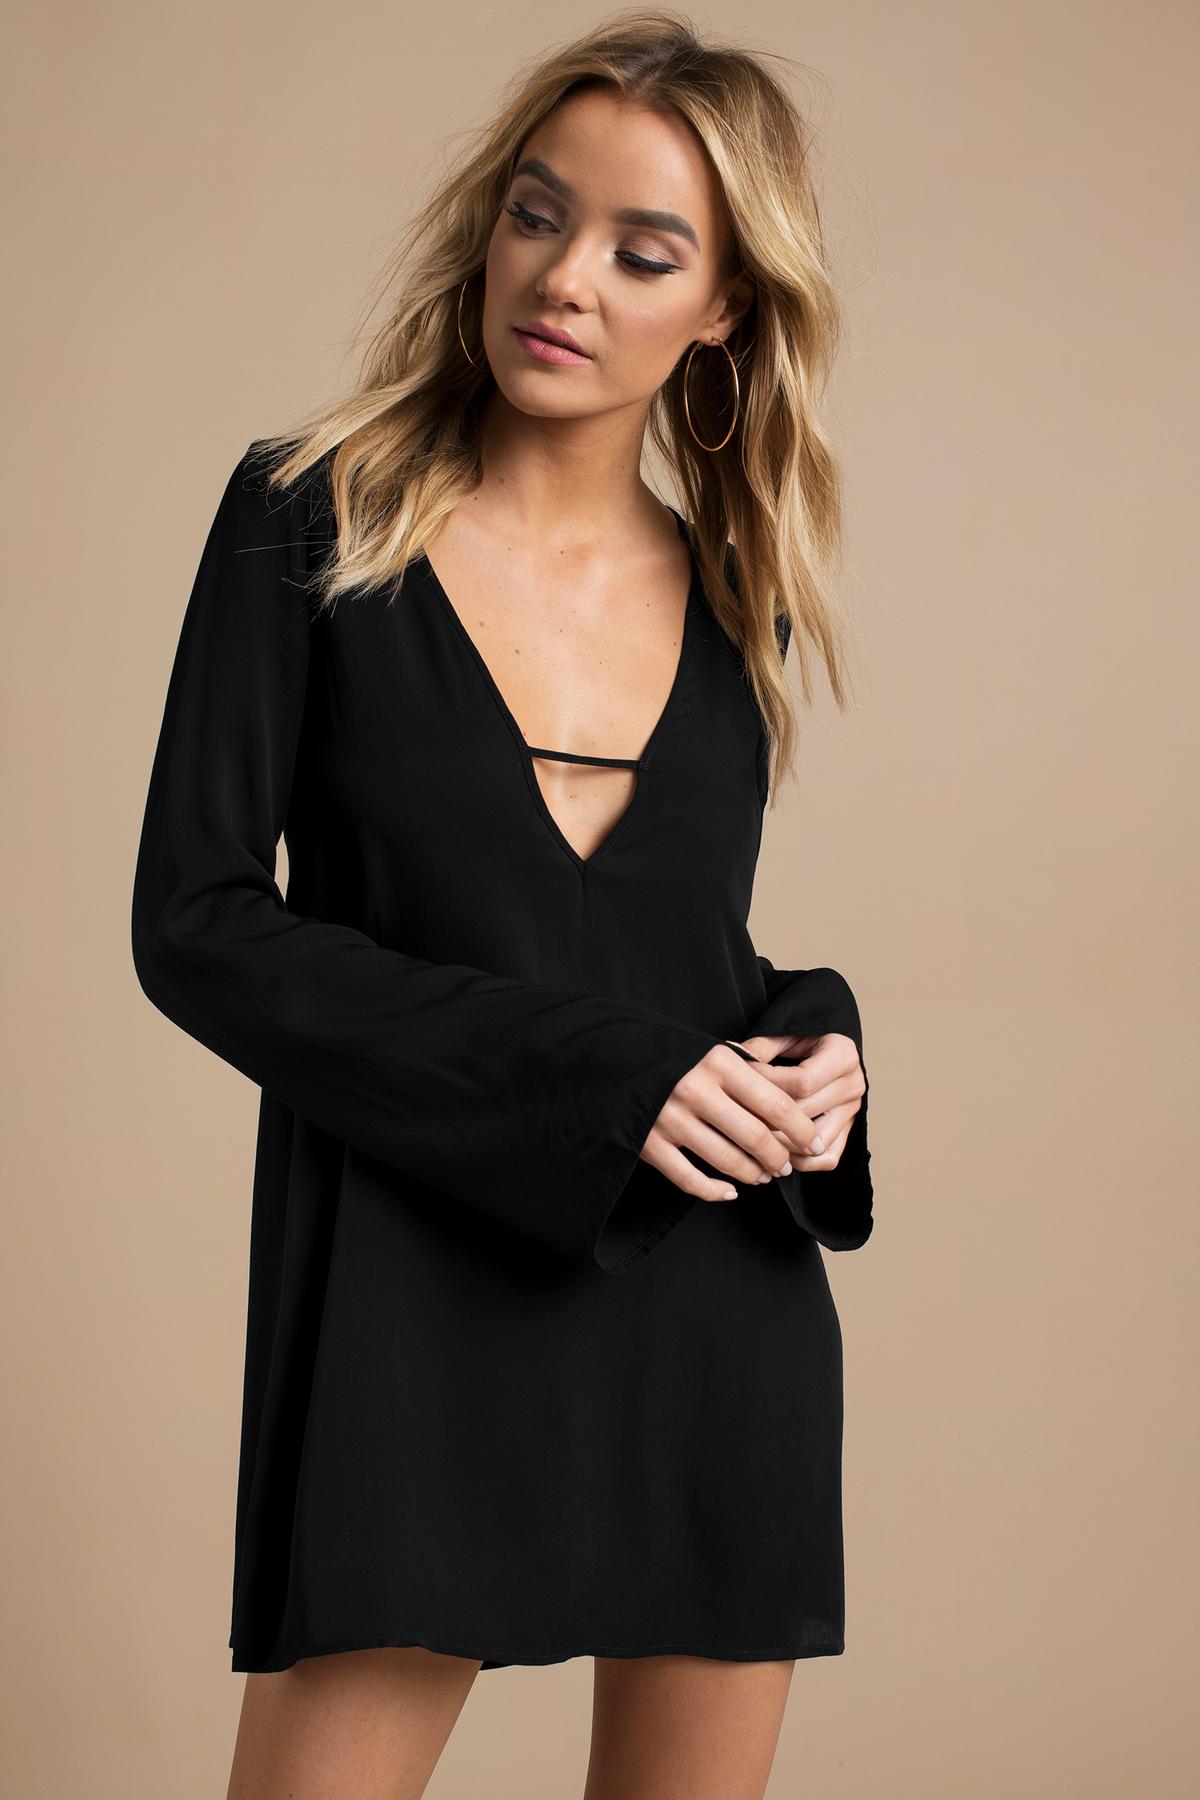 Cute Black Shift Dress - Bell Sleeve Dress - $50.00